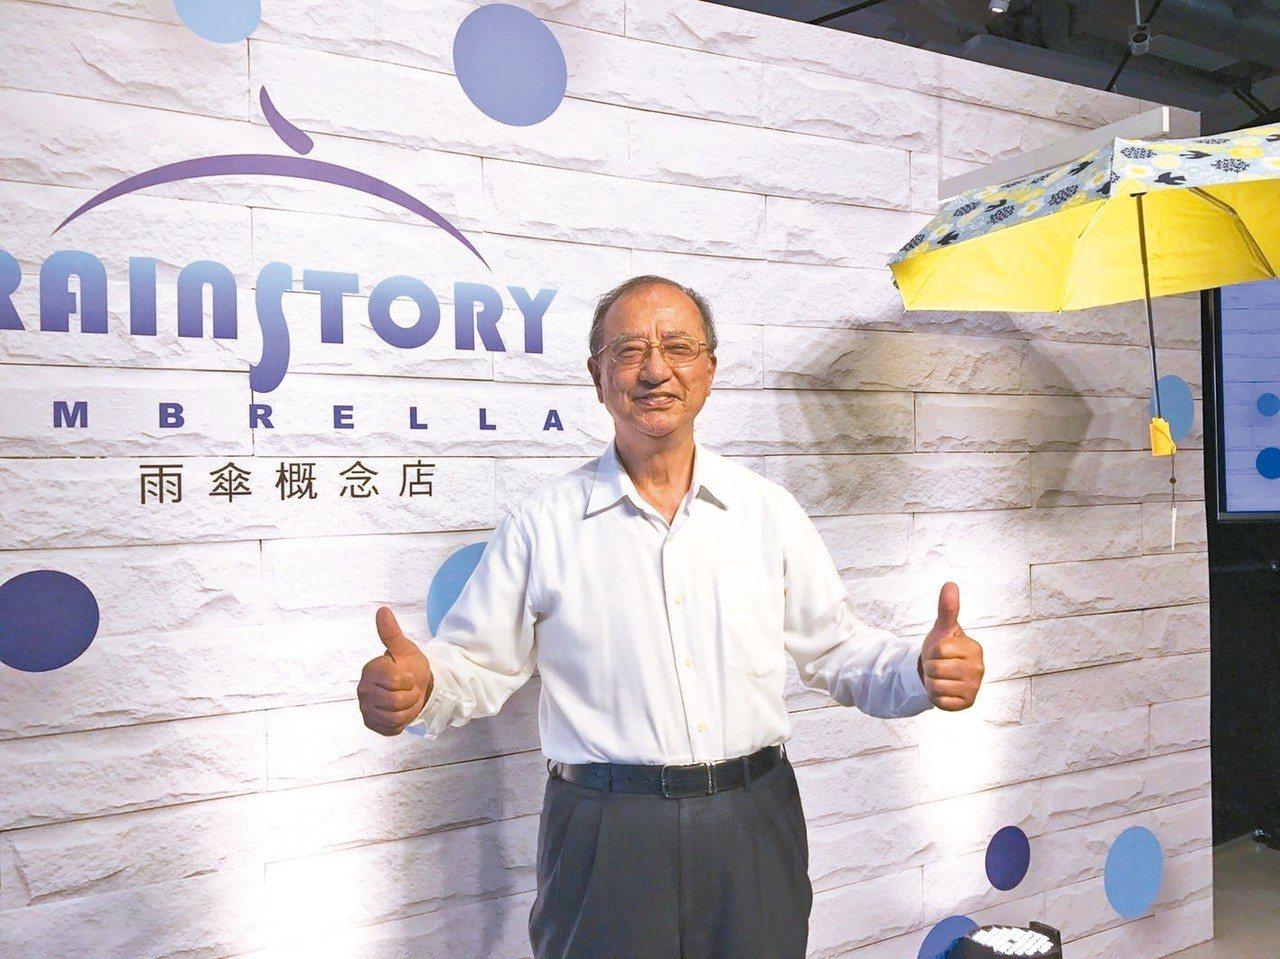 RAINSTORY董事長吳增榮。 記者葉卉軒/攝影